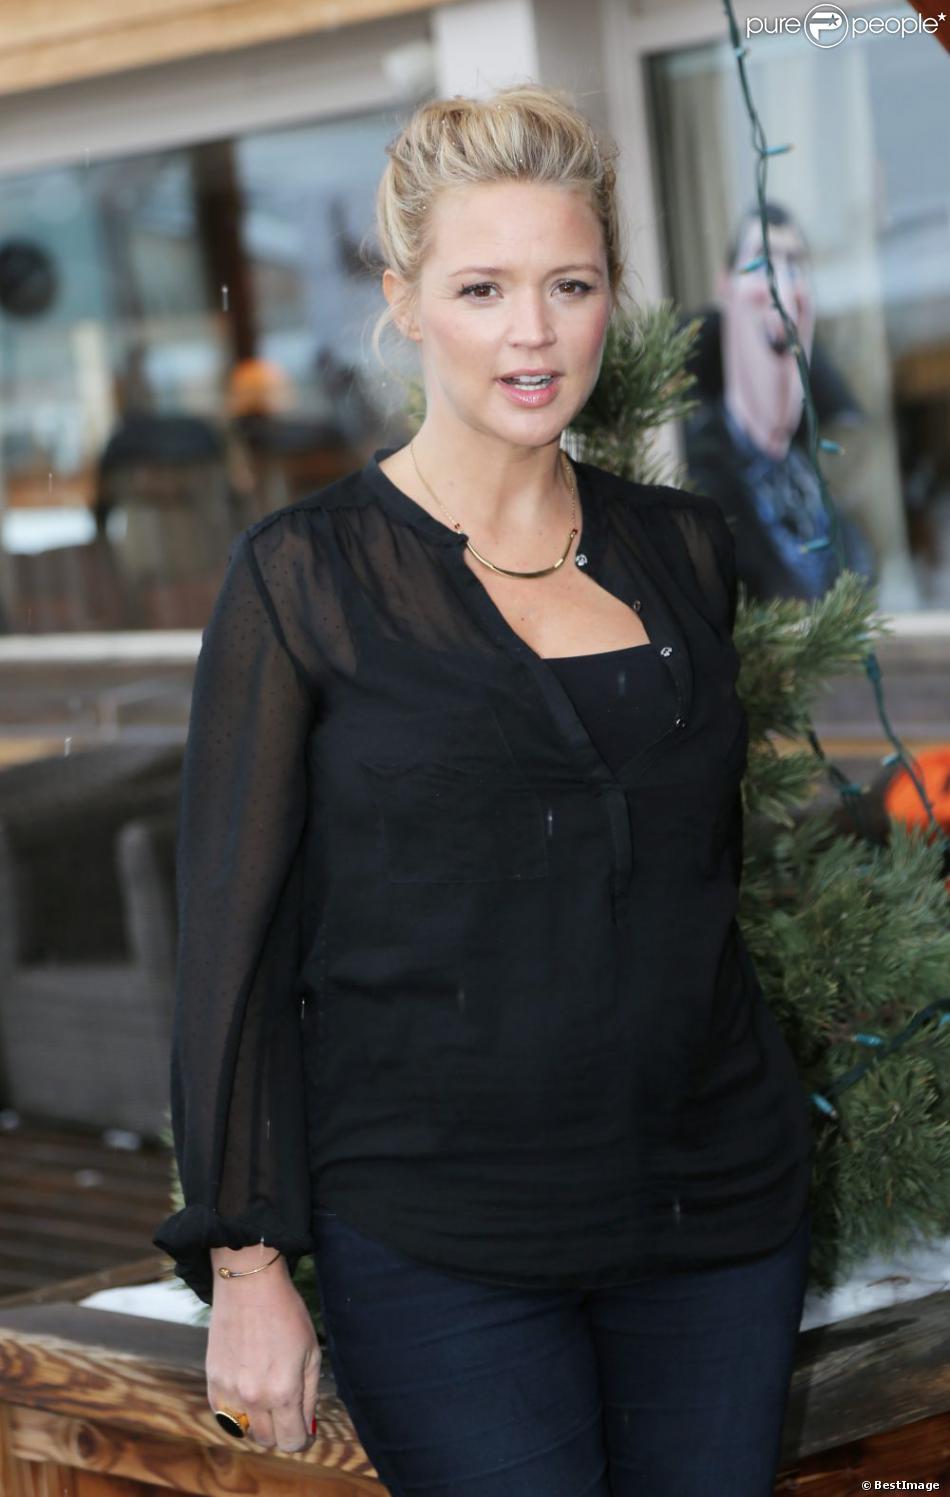 Virginie Efira affiche son ventre rond pour le film 20 ans d'écart à l'Alpe d'Huez, le 19 janvier 2013.